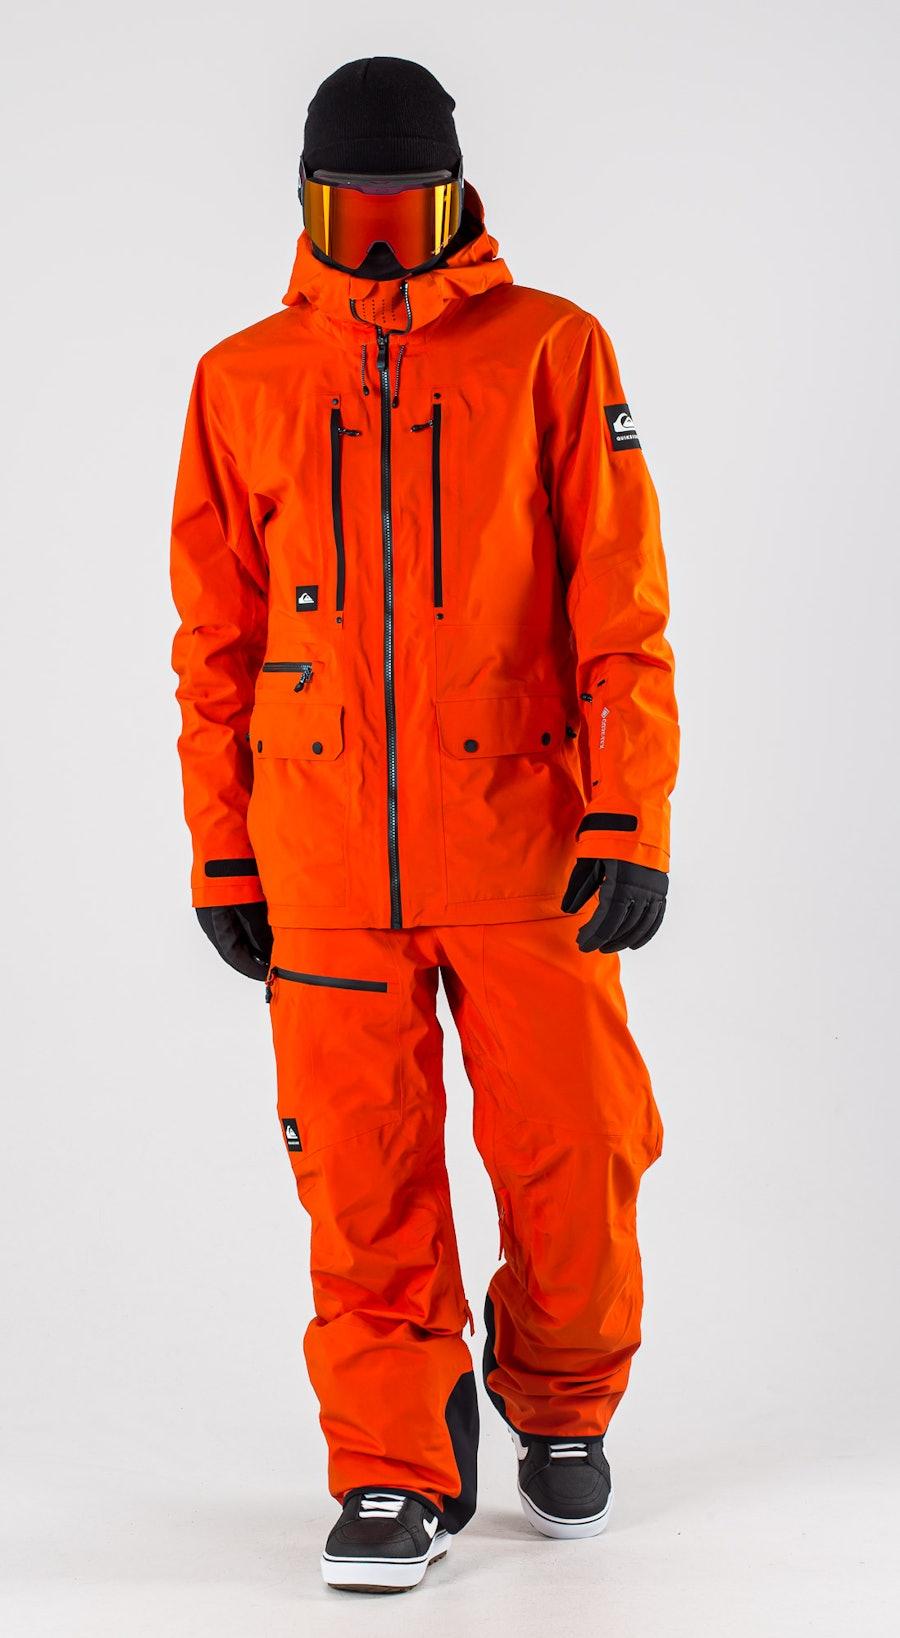 Quiksilver Black Alder 2L Gore-Tex Pureed Pumpkin Vêtements de Snowboard  Multi